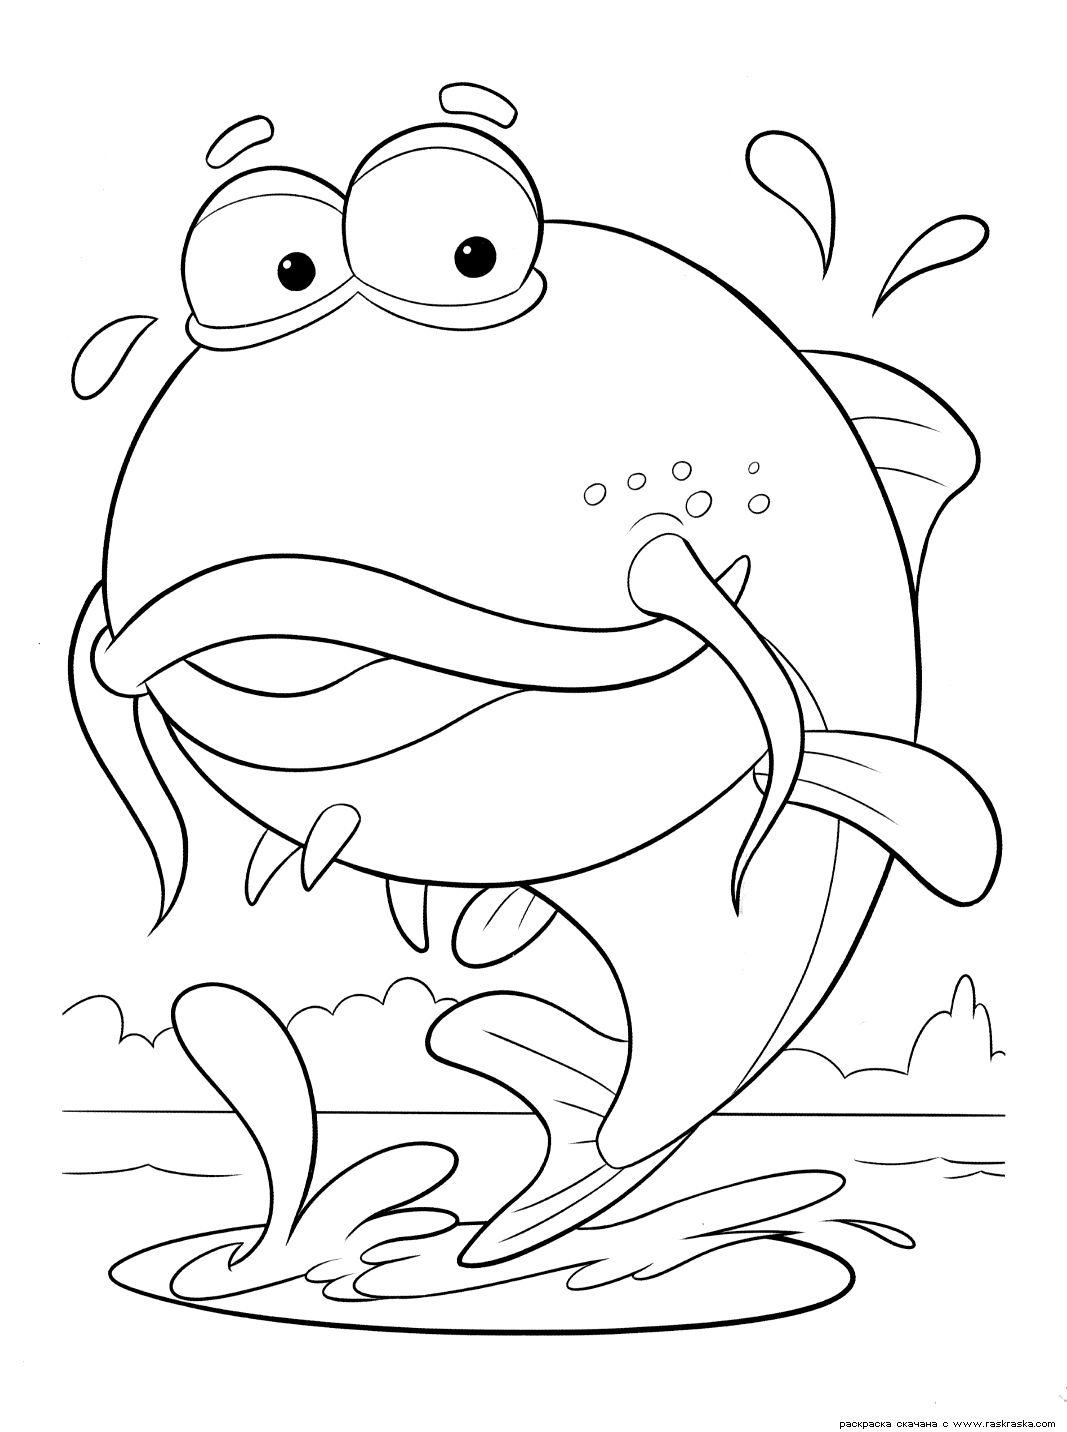 """Раскраски """"рыба"""" скачать и распечатать бесплатно"""